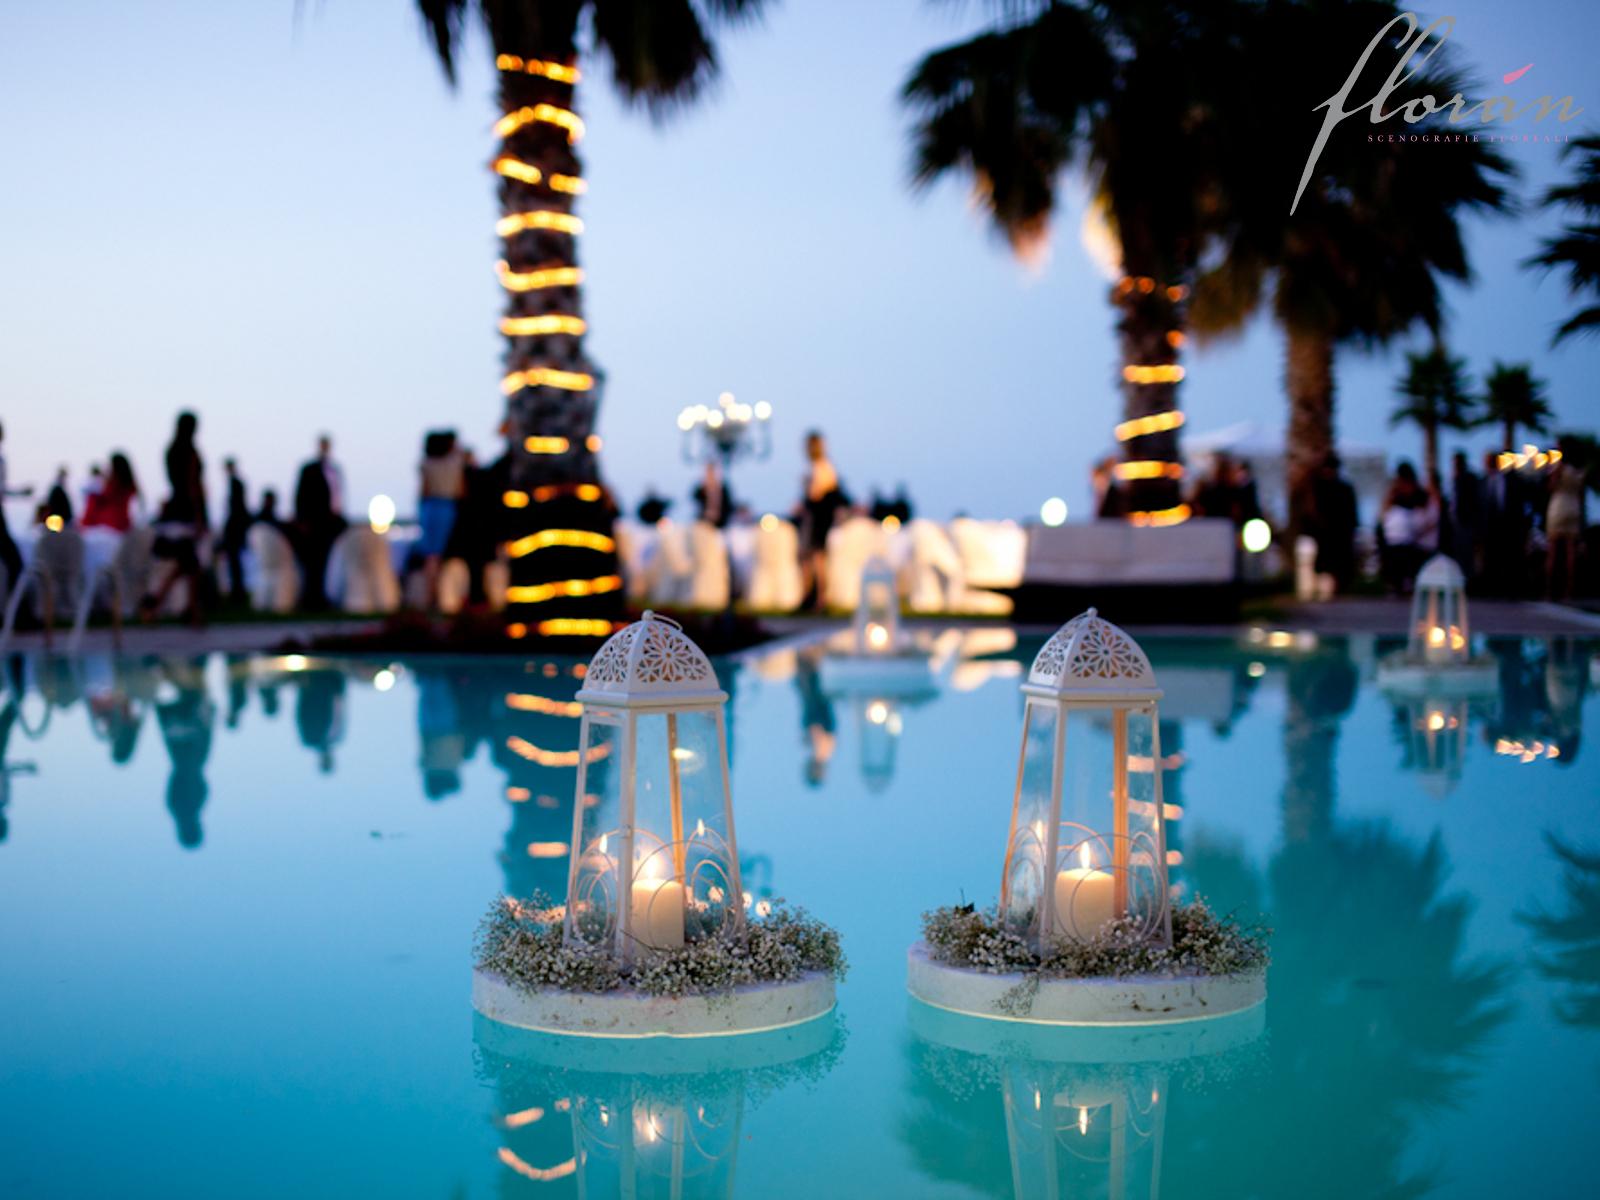 Matrimonio In Spiaggia Addobbi : Ludovica luciano wedding planner matrimonio all aperto